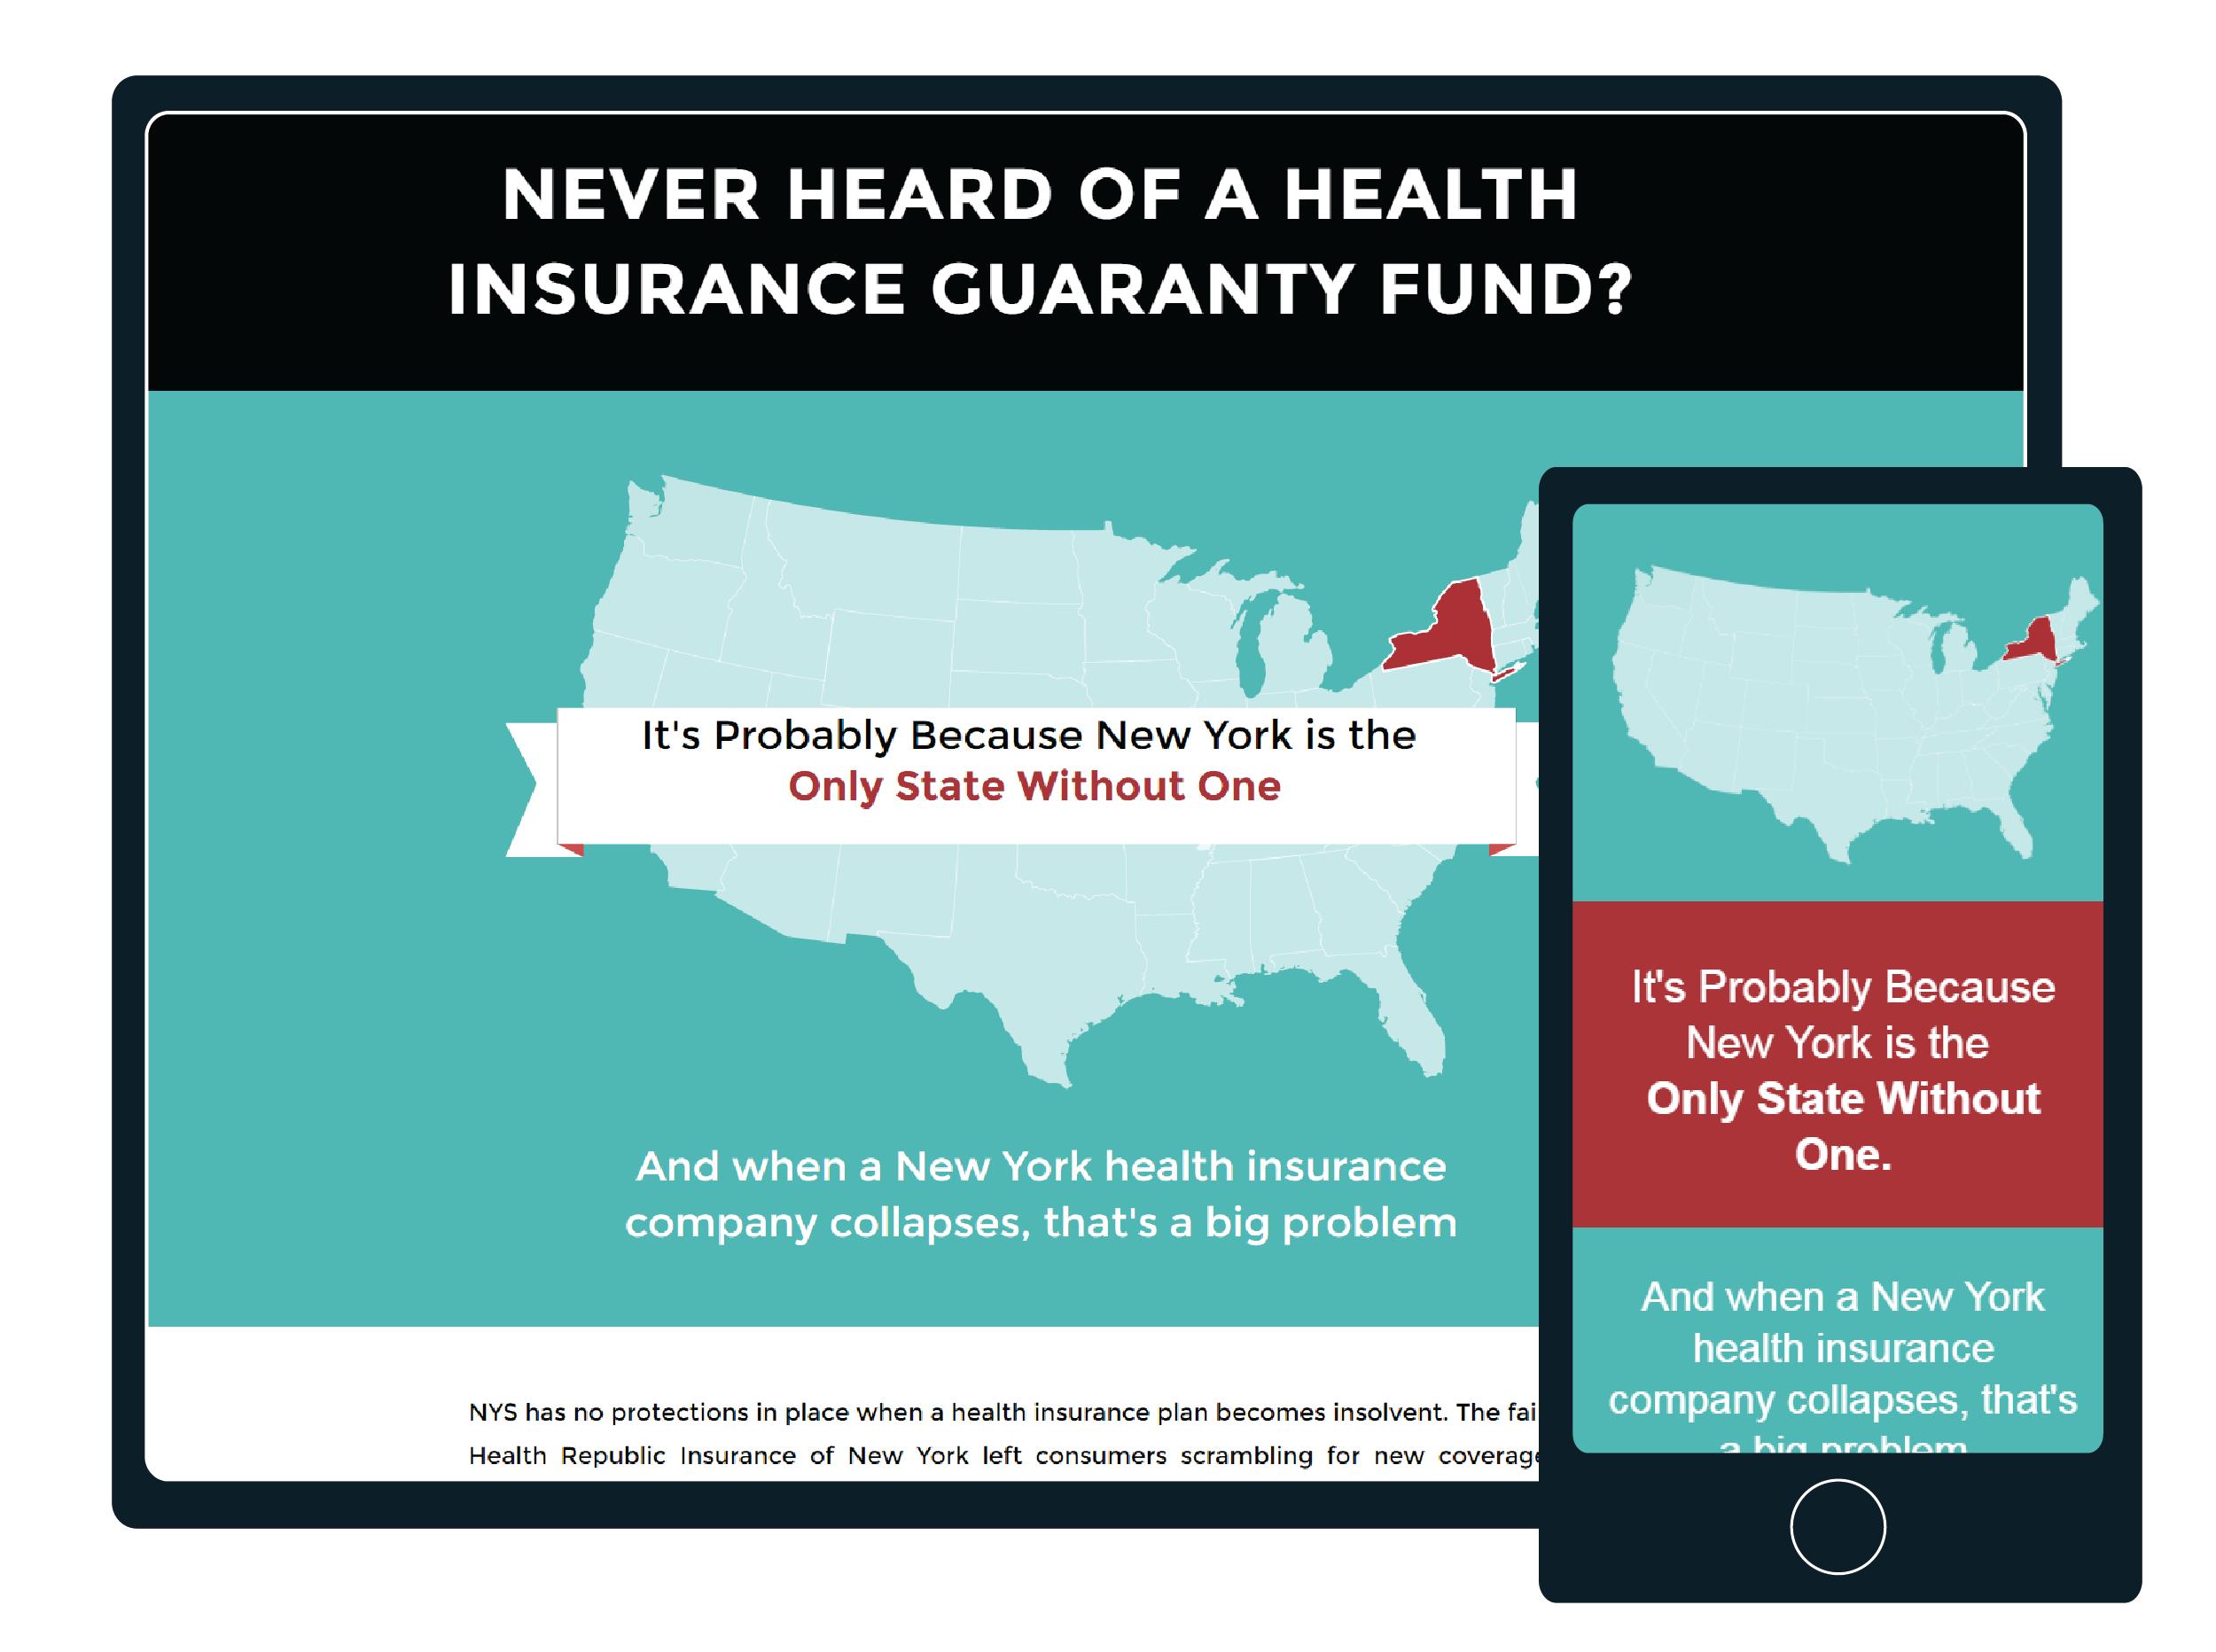 NY Guaranty Fund